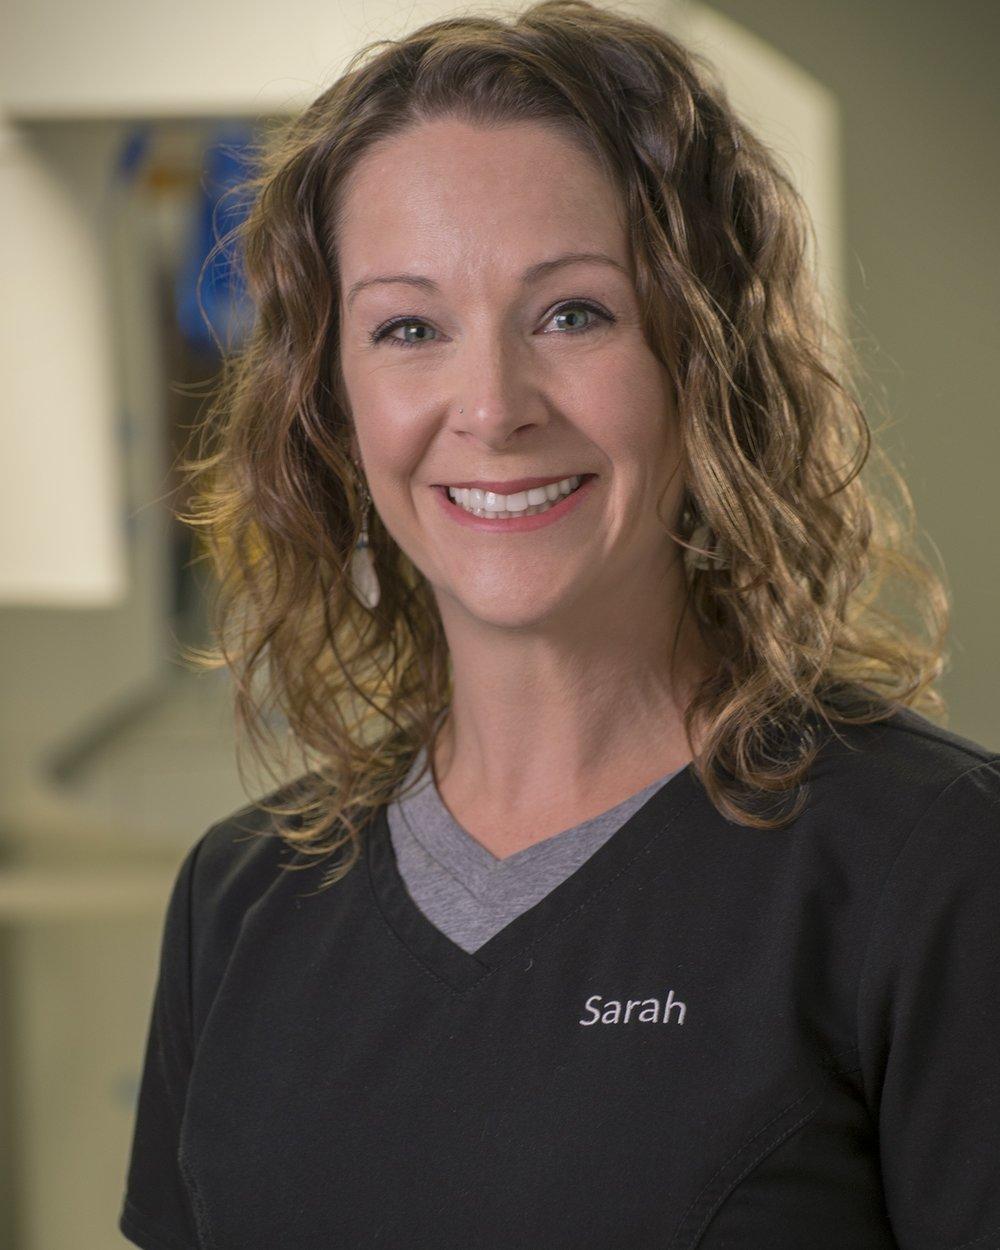 Sarah -